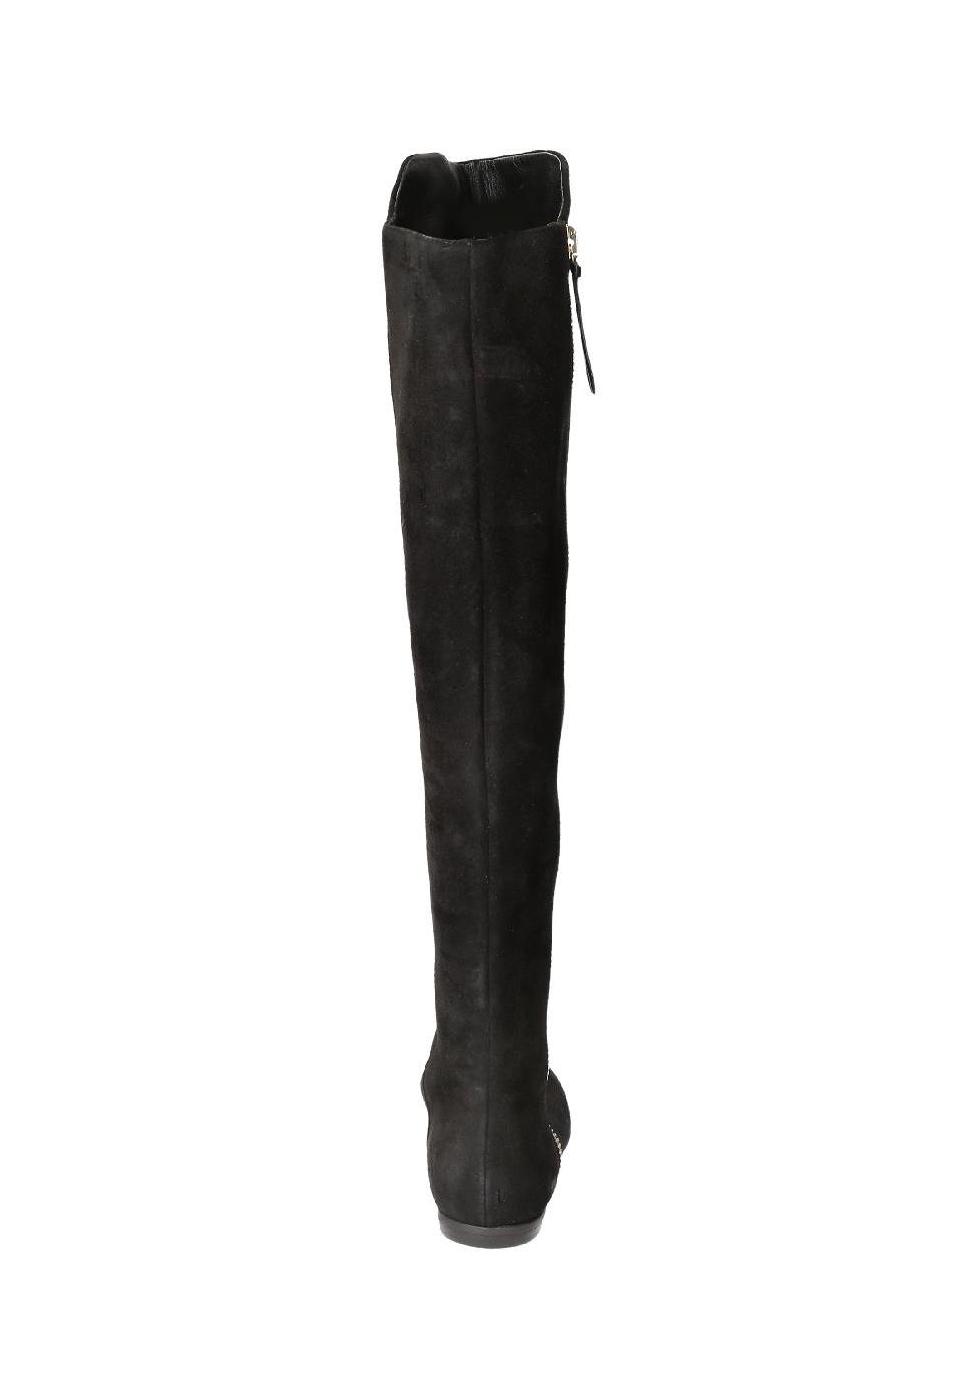 Stivali sopra al ginocchio Giuseppe Zanotti in pelle nero - Italian ... 51b57091a4b